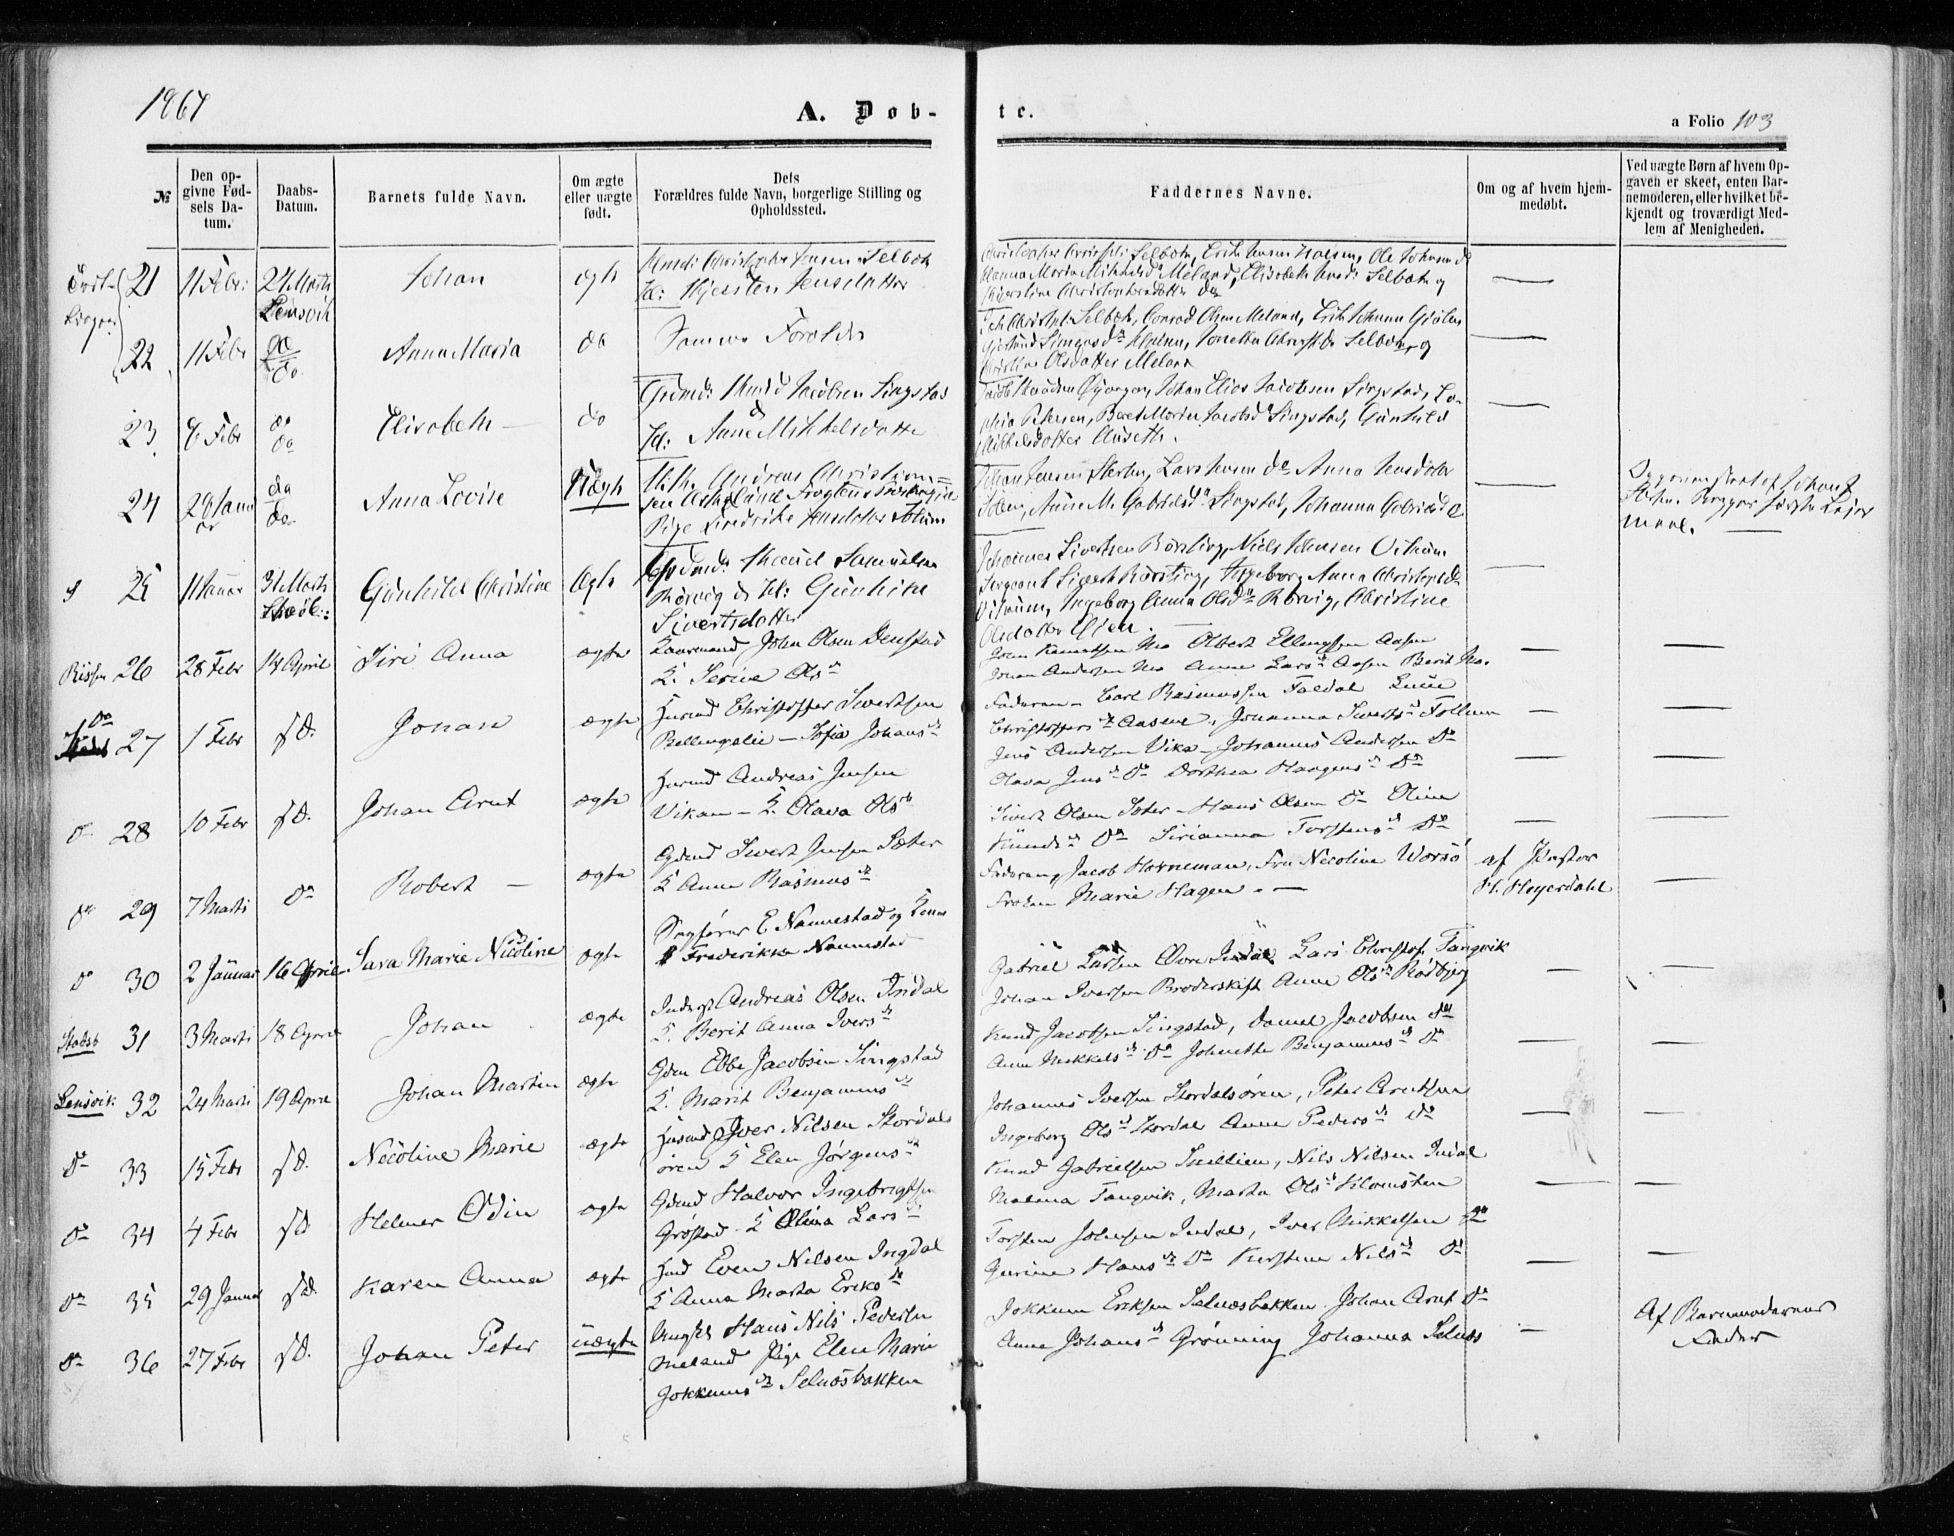 SAT, Ministerialprotokoller, klokkerbøker og fødselsregistre - Sør-Trøndelag, 646/L0612: Ministerialbok nr. 646A10, 1858-1869, s. 103